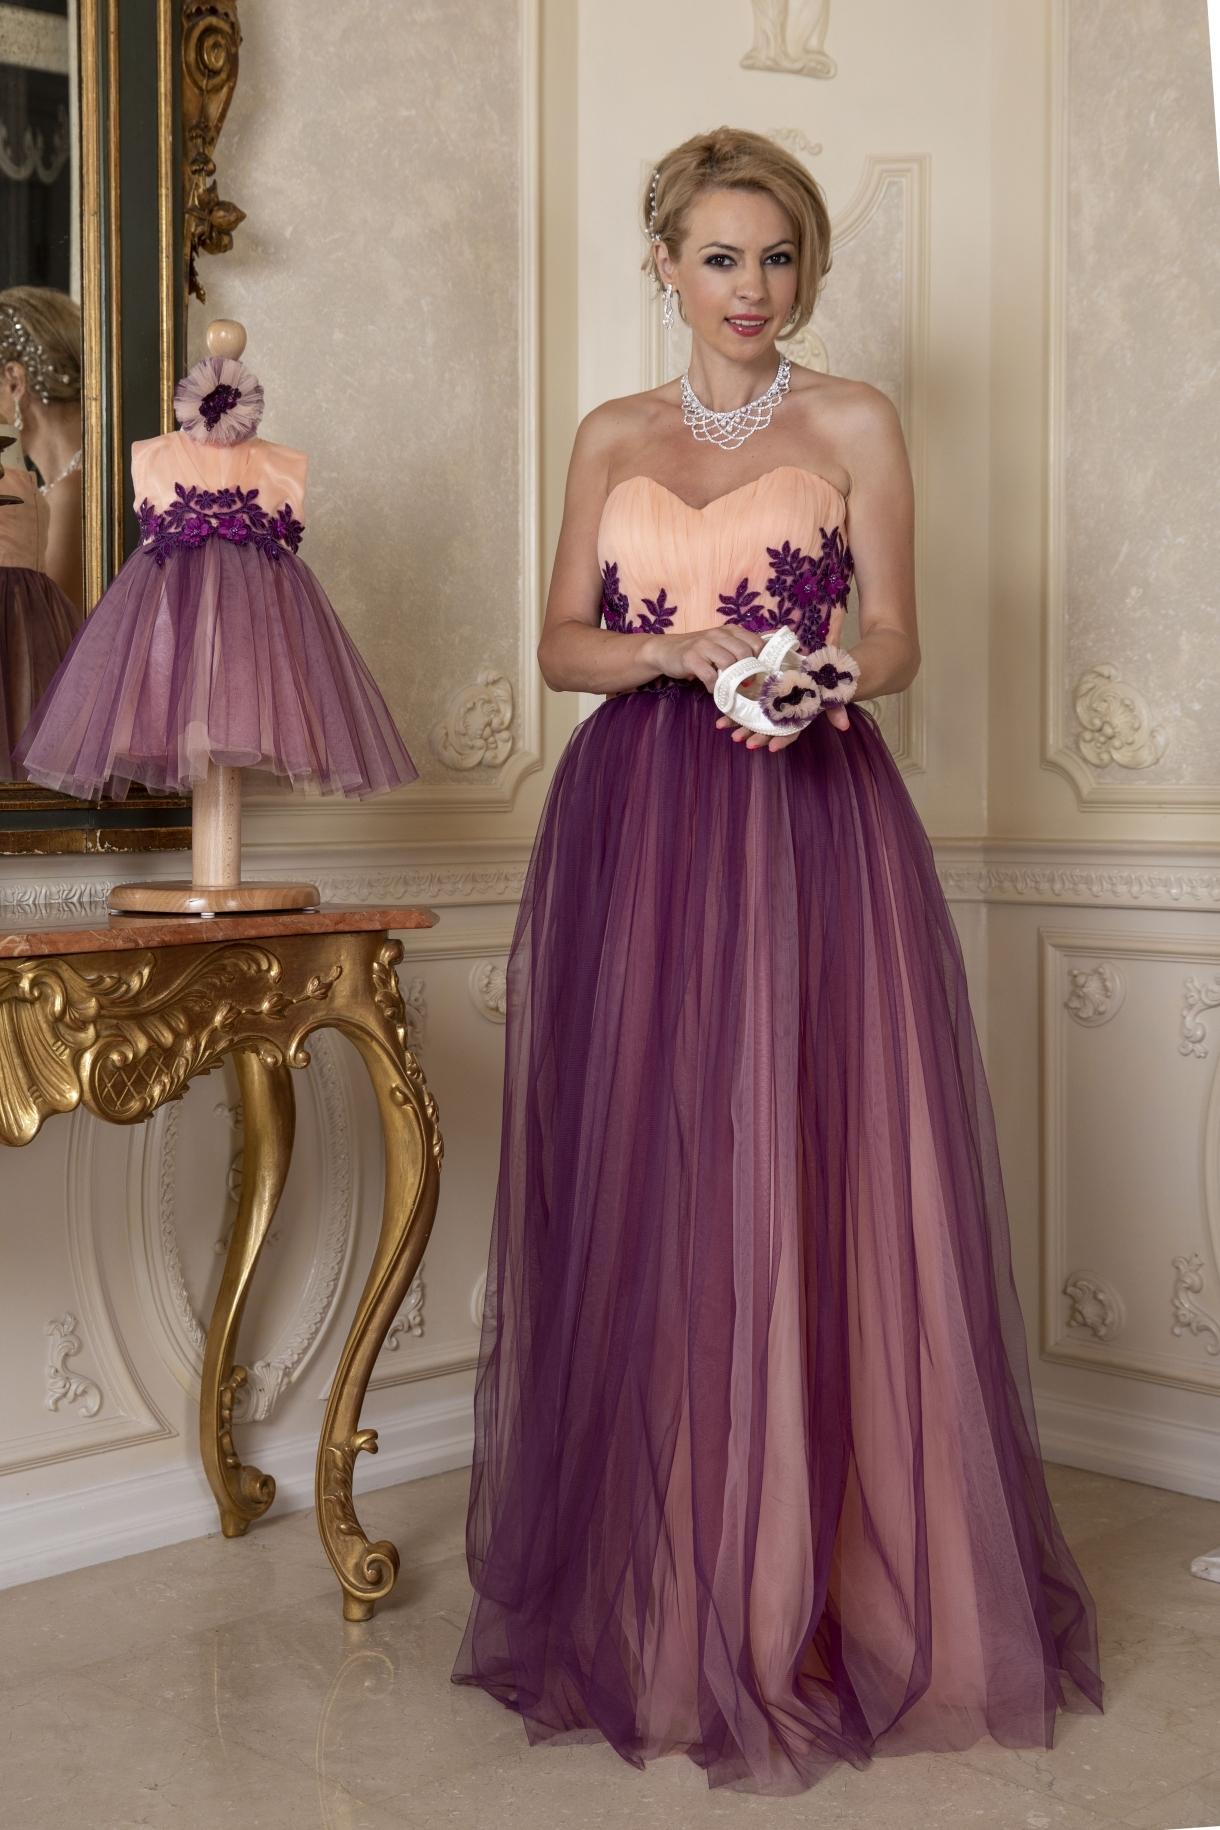 Rochie de cautare pentru nunta fiicei mele femei divortate care cauta barbati din ialoveni